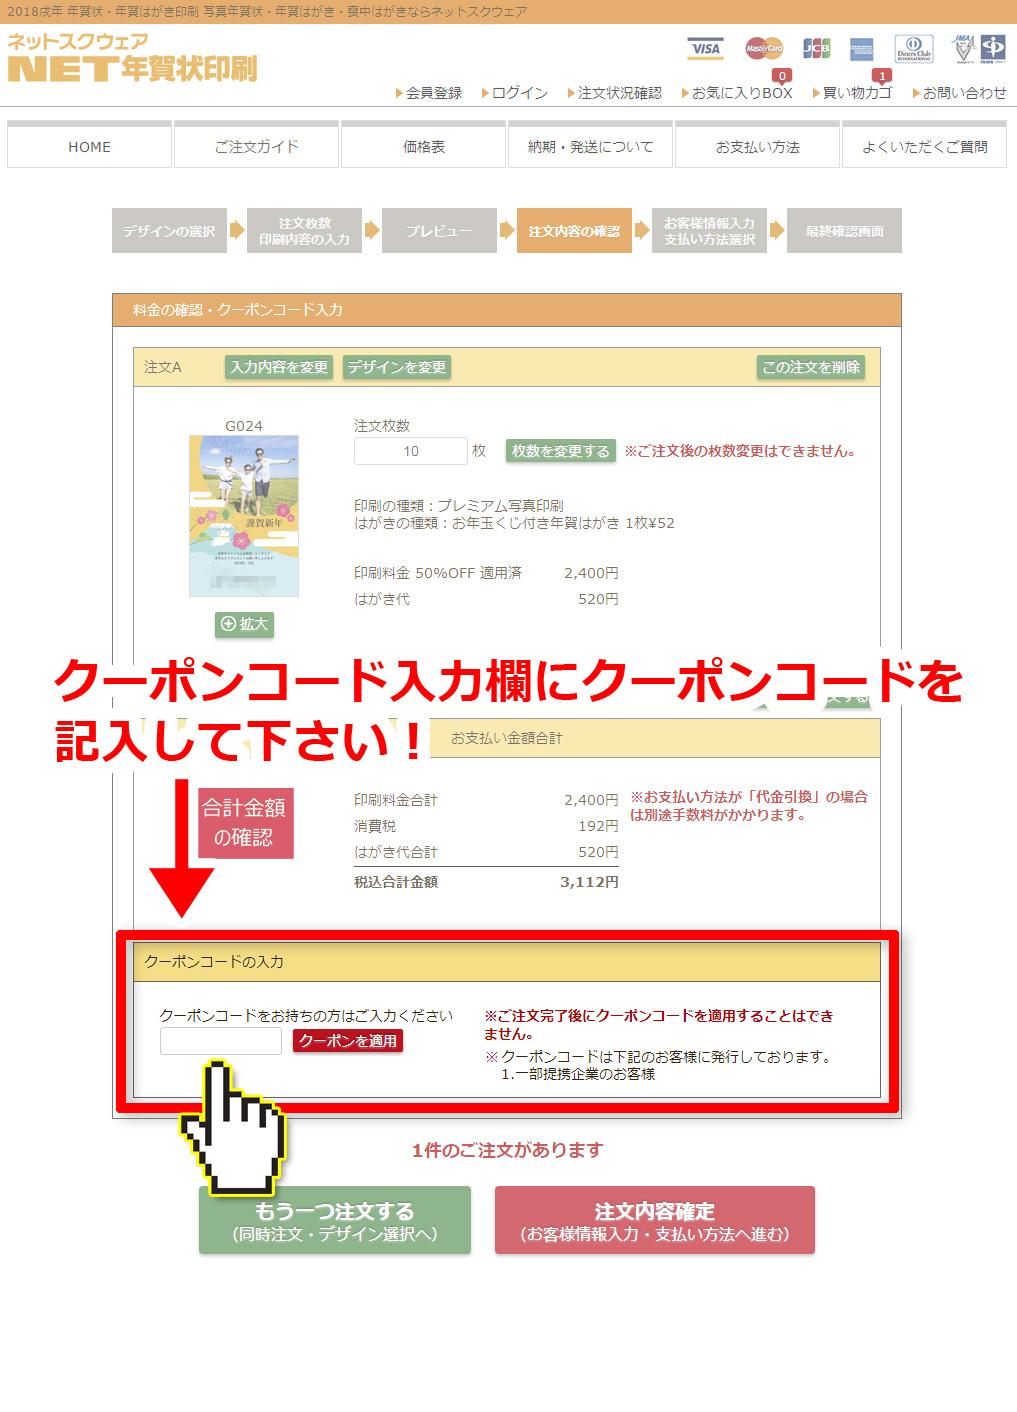 注文フォームの「注文内容の確認ページ」でネットスクウェアのクーポンコードを記入して下さい。